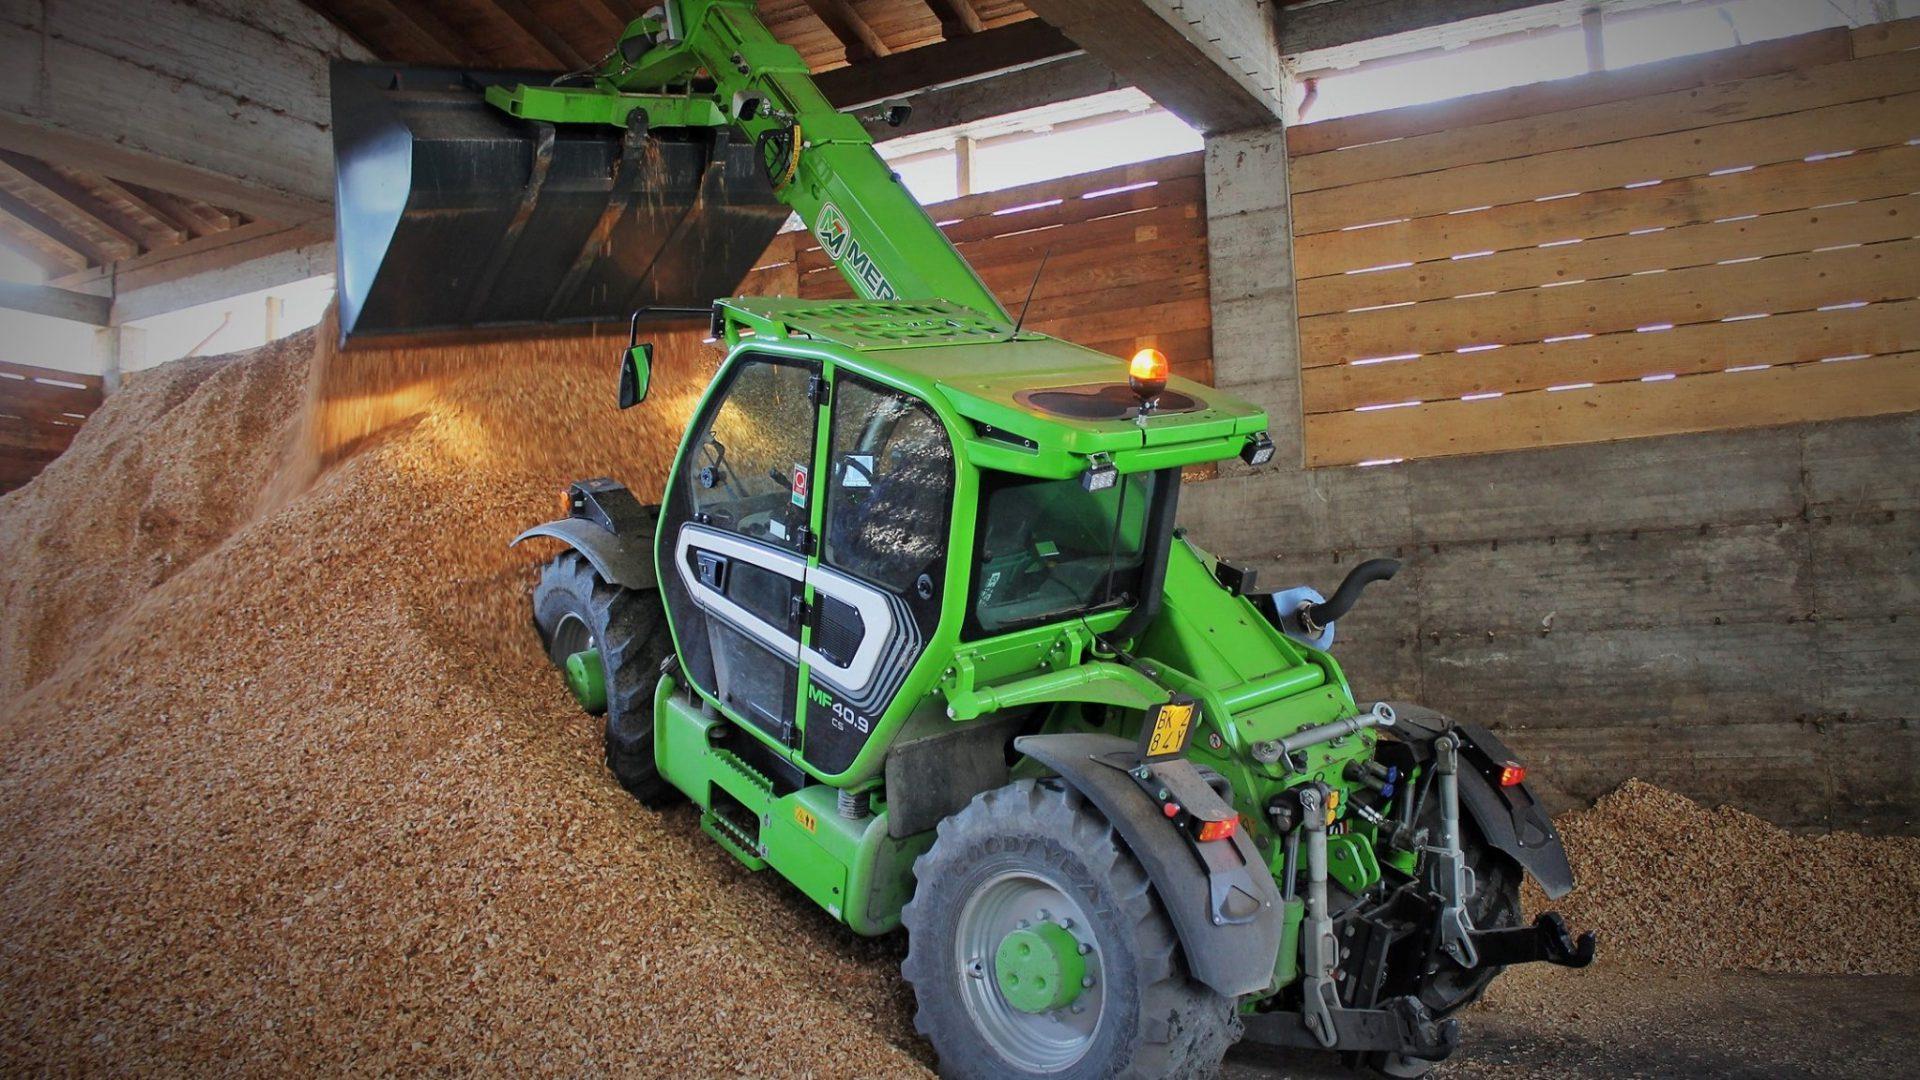 Il Merlo MF40.9 CS è una macchina che spazia dagli impieghi agricoli puri fino alla gestione di applicazioni con biomasse o cantieri forestali.